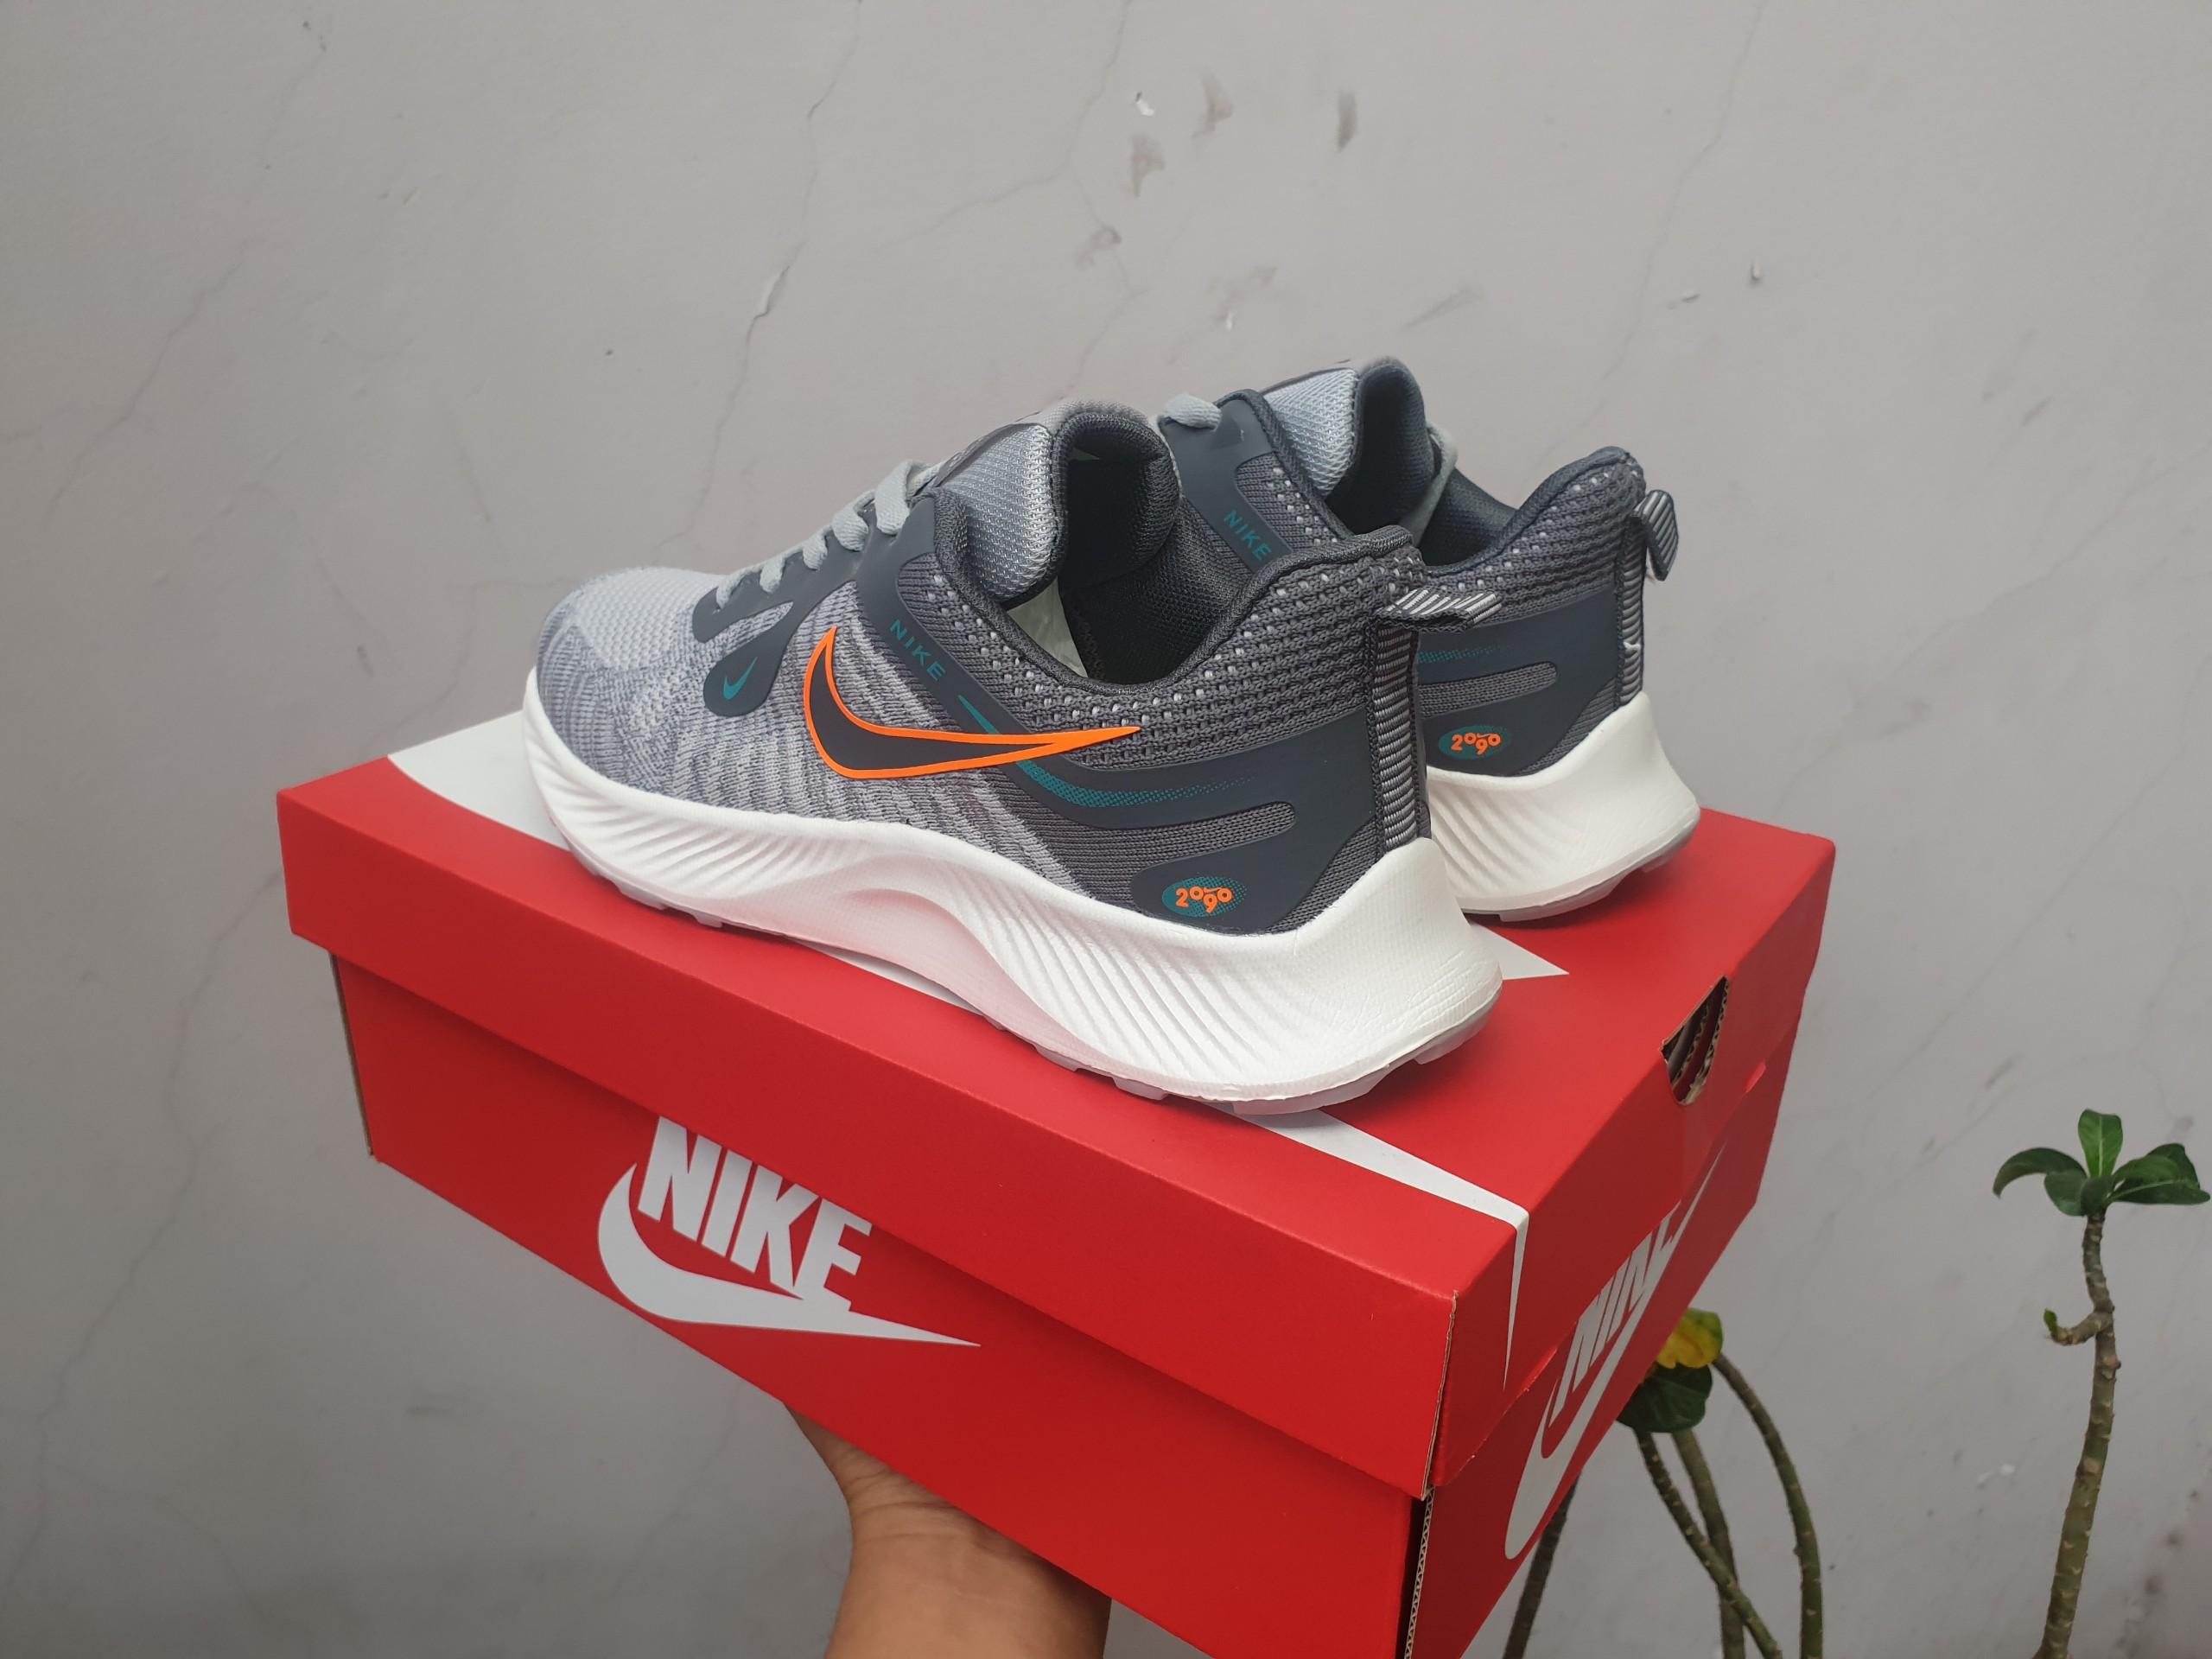 Giày Nike Zoom 03 xám nhạt